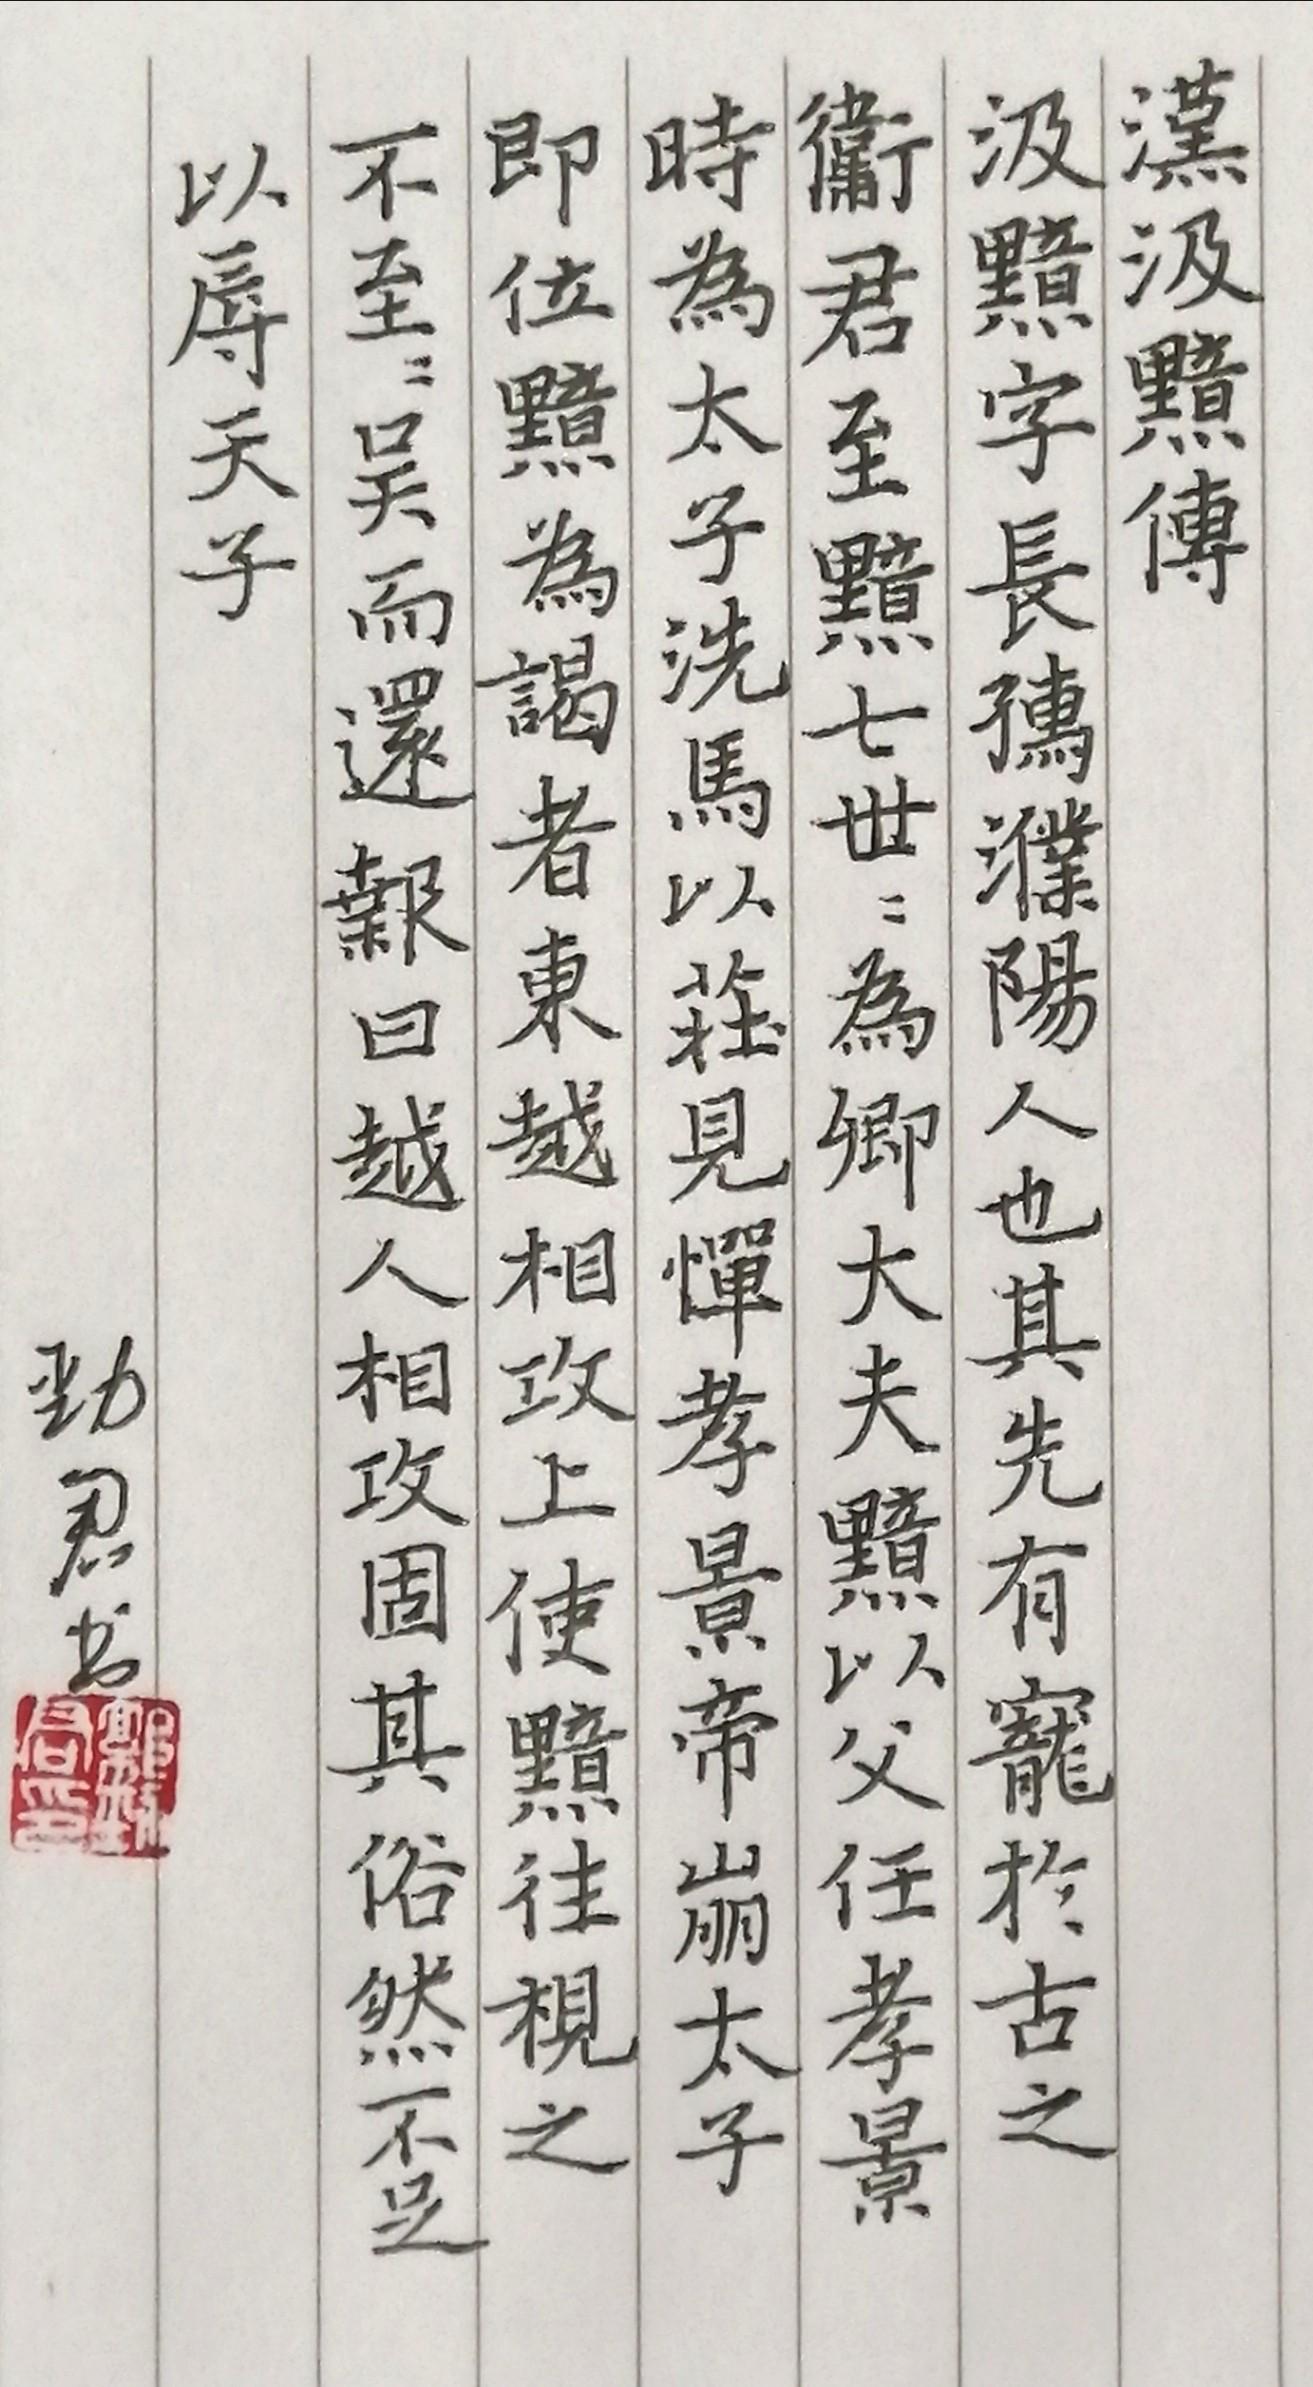 钢笔书法练字打卡20210615-14